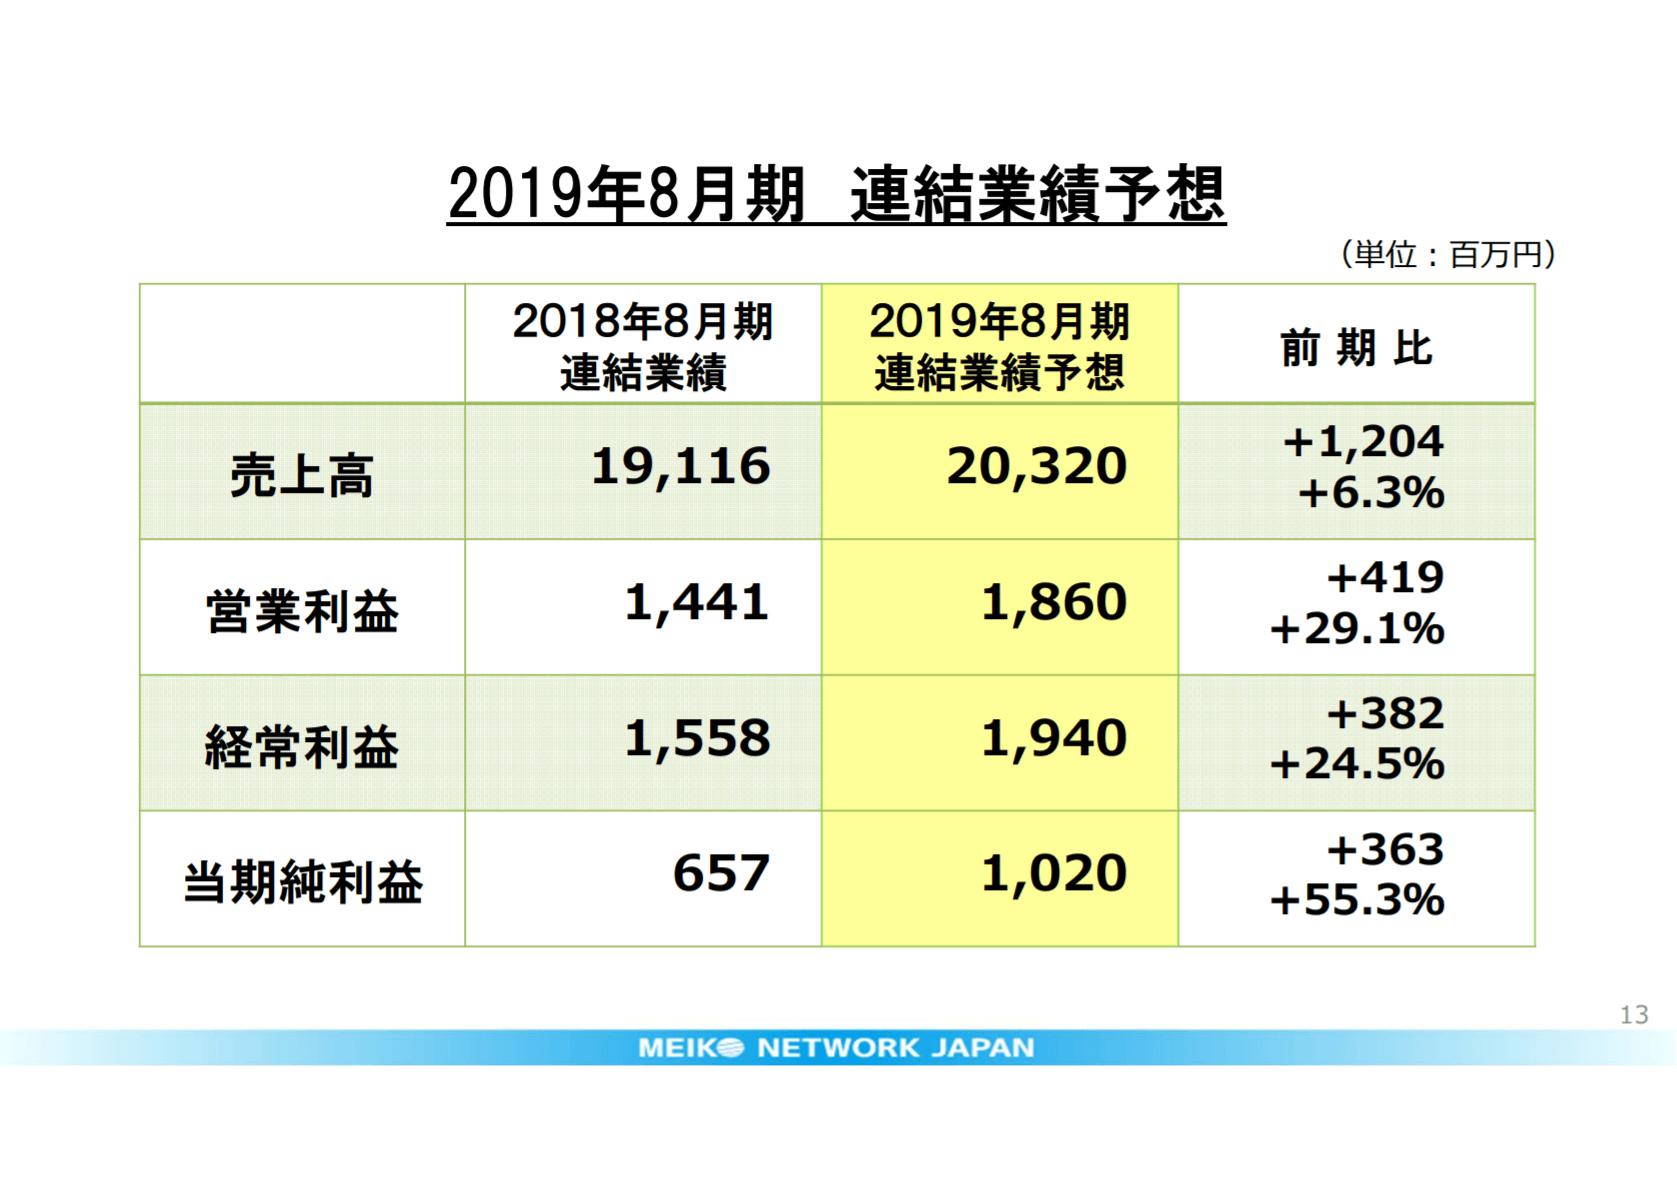 明光ネットワークジャパンの2019年8月期連結業績予想